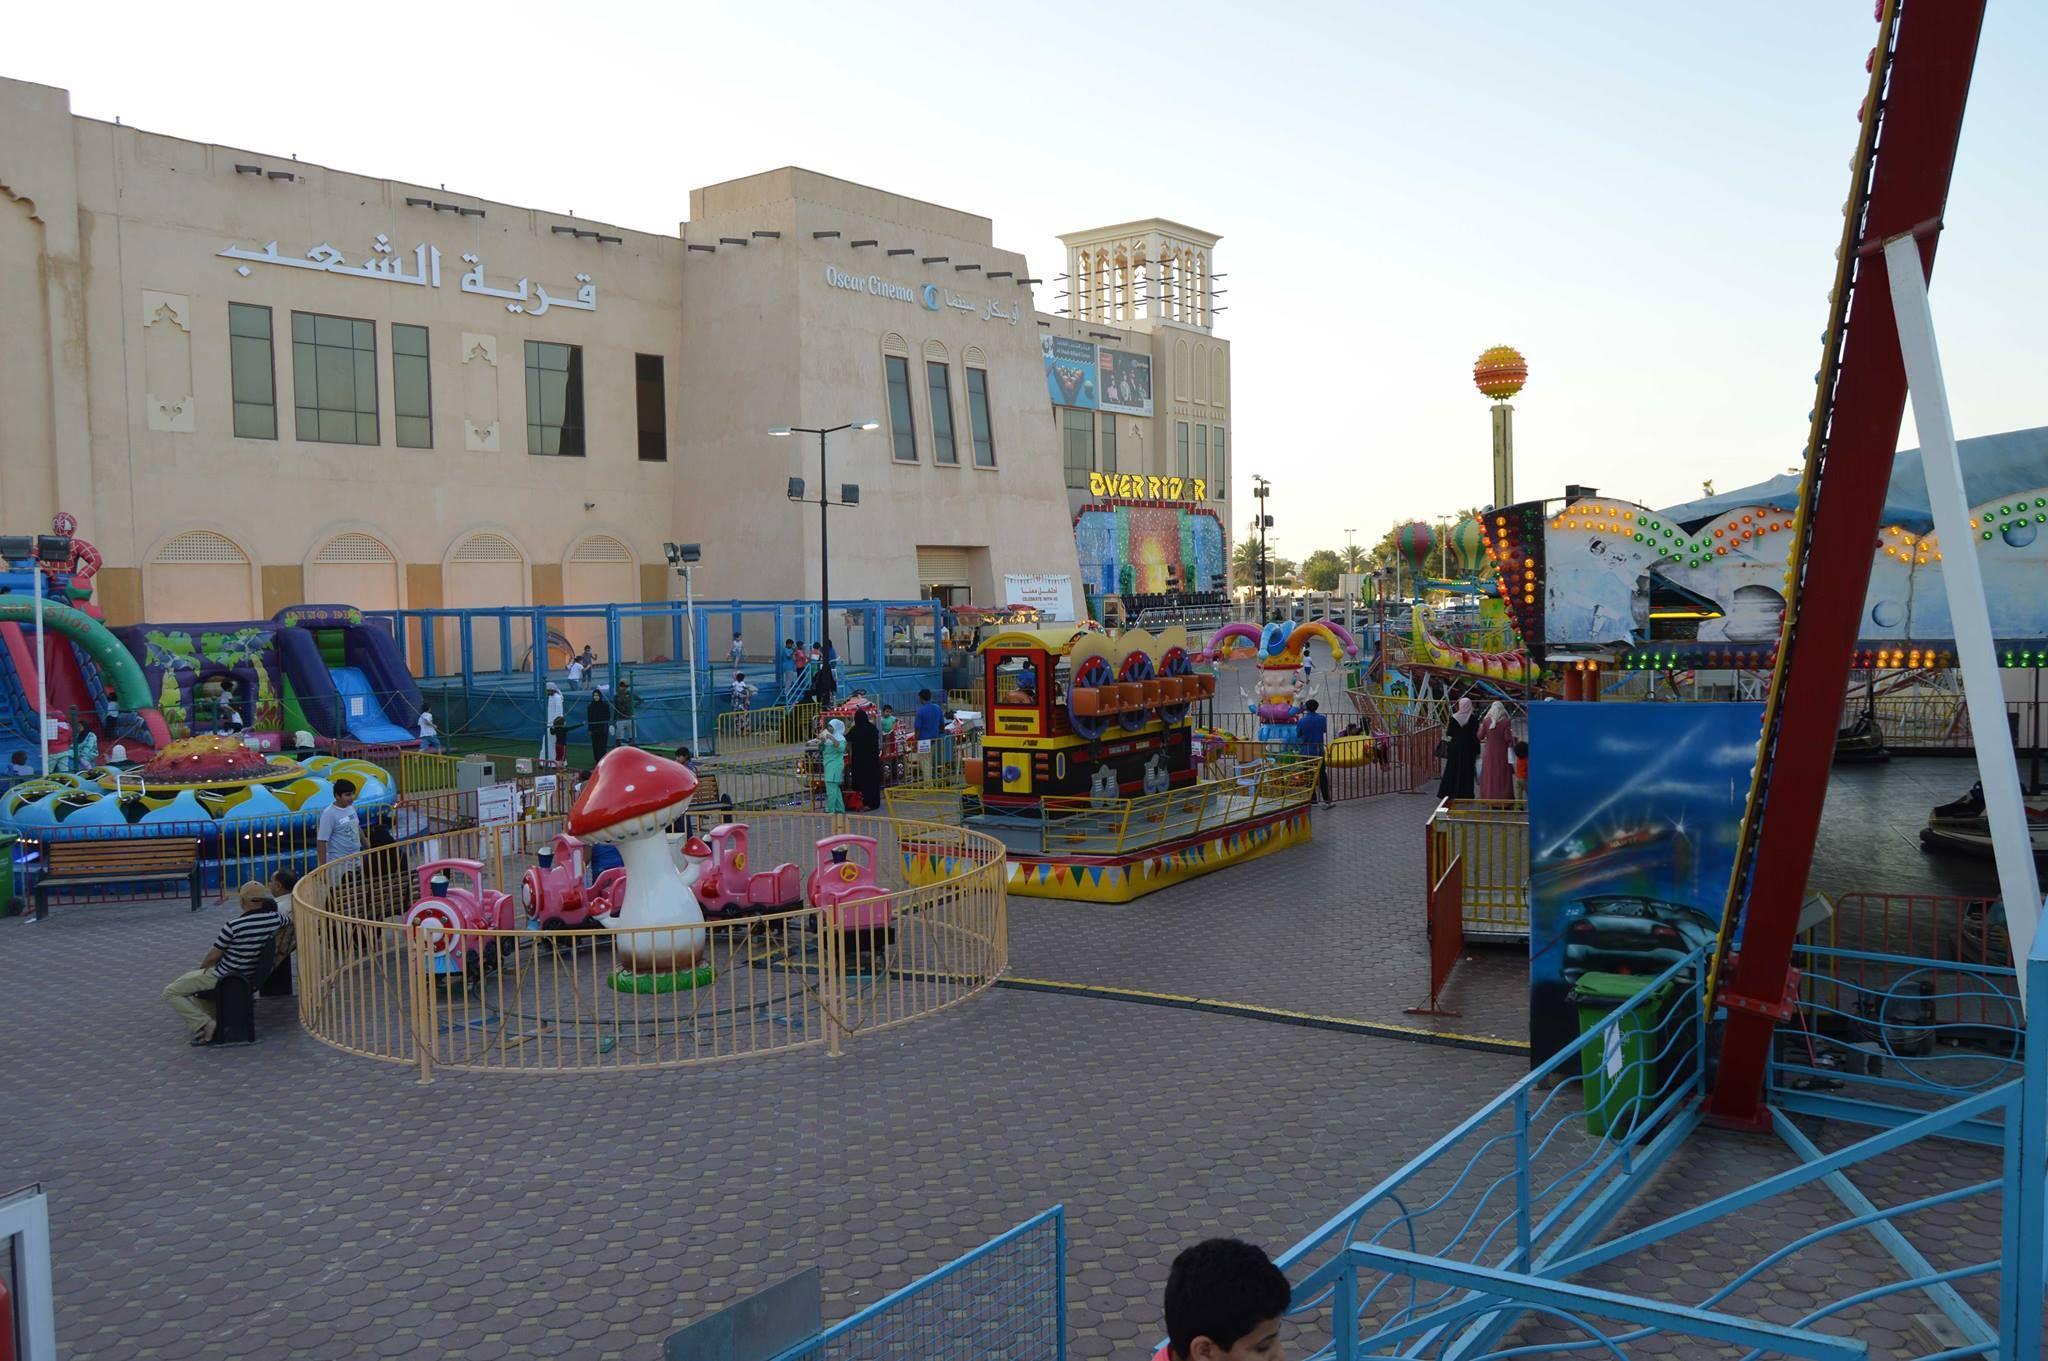 قرية الشعب بنادي الشعب الشارقة Al Shaab Village In Al Shaab Club Sharjah Sharjah Uae Alshaabvillage Shopping Outdoor Fun Amusement Park Village